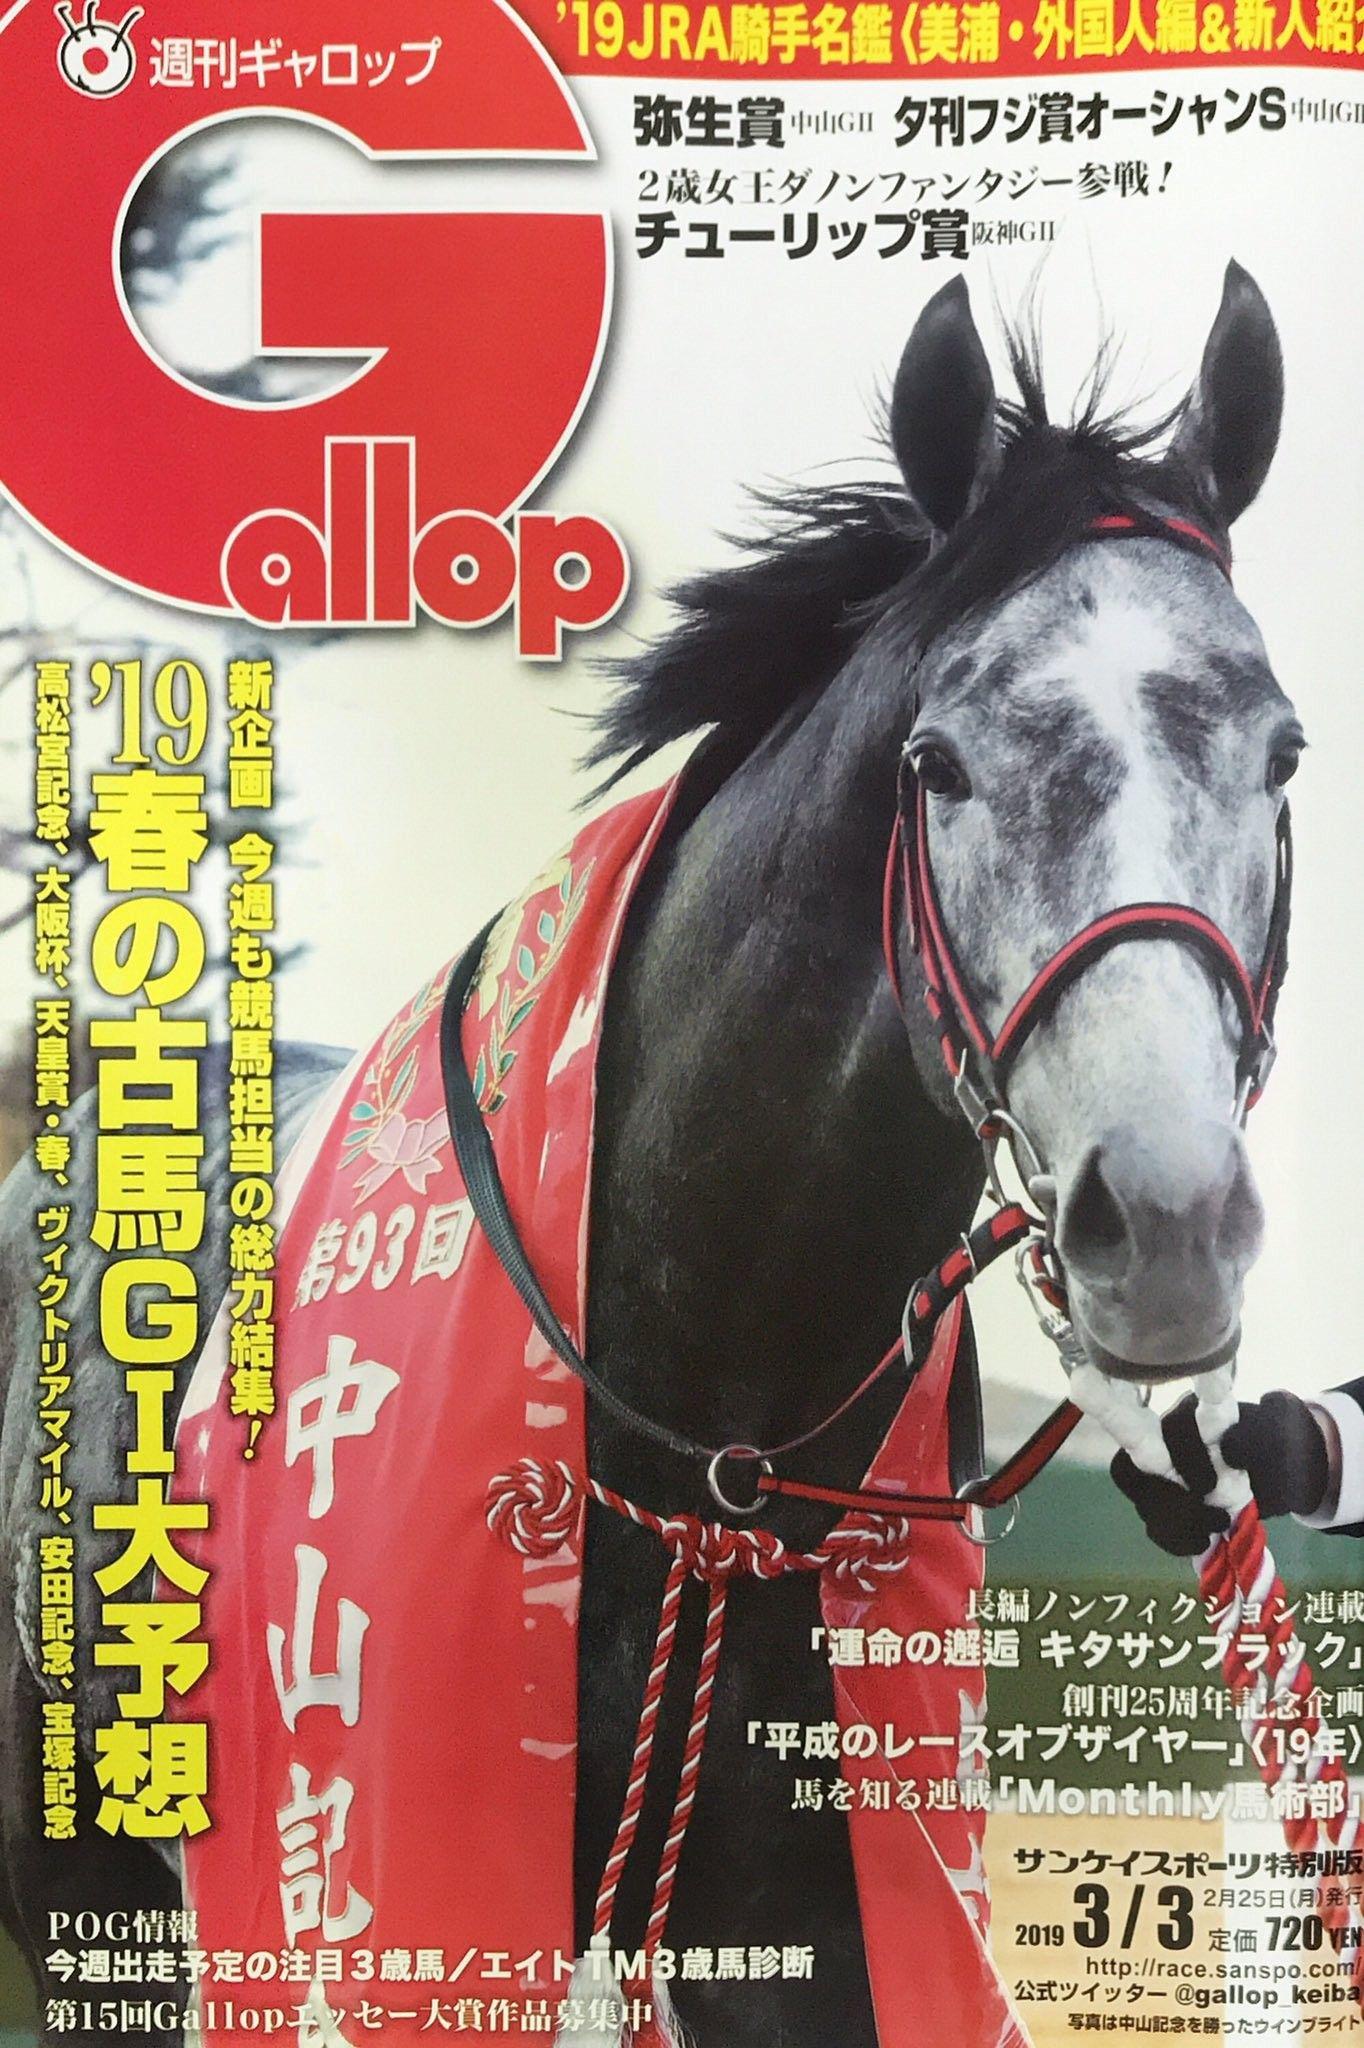 pin by fukasaku on horse horses animals racing